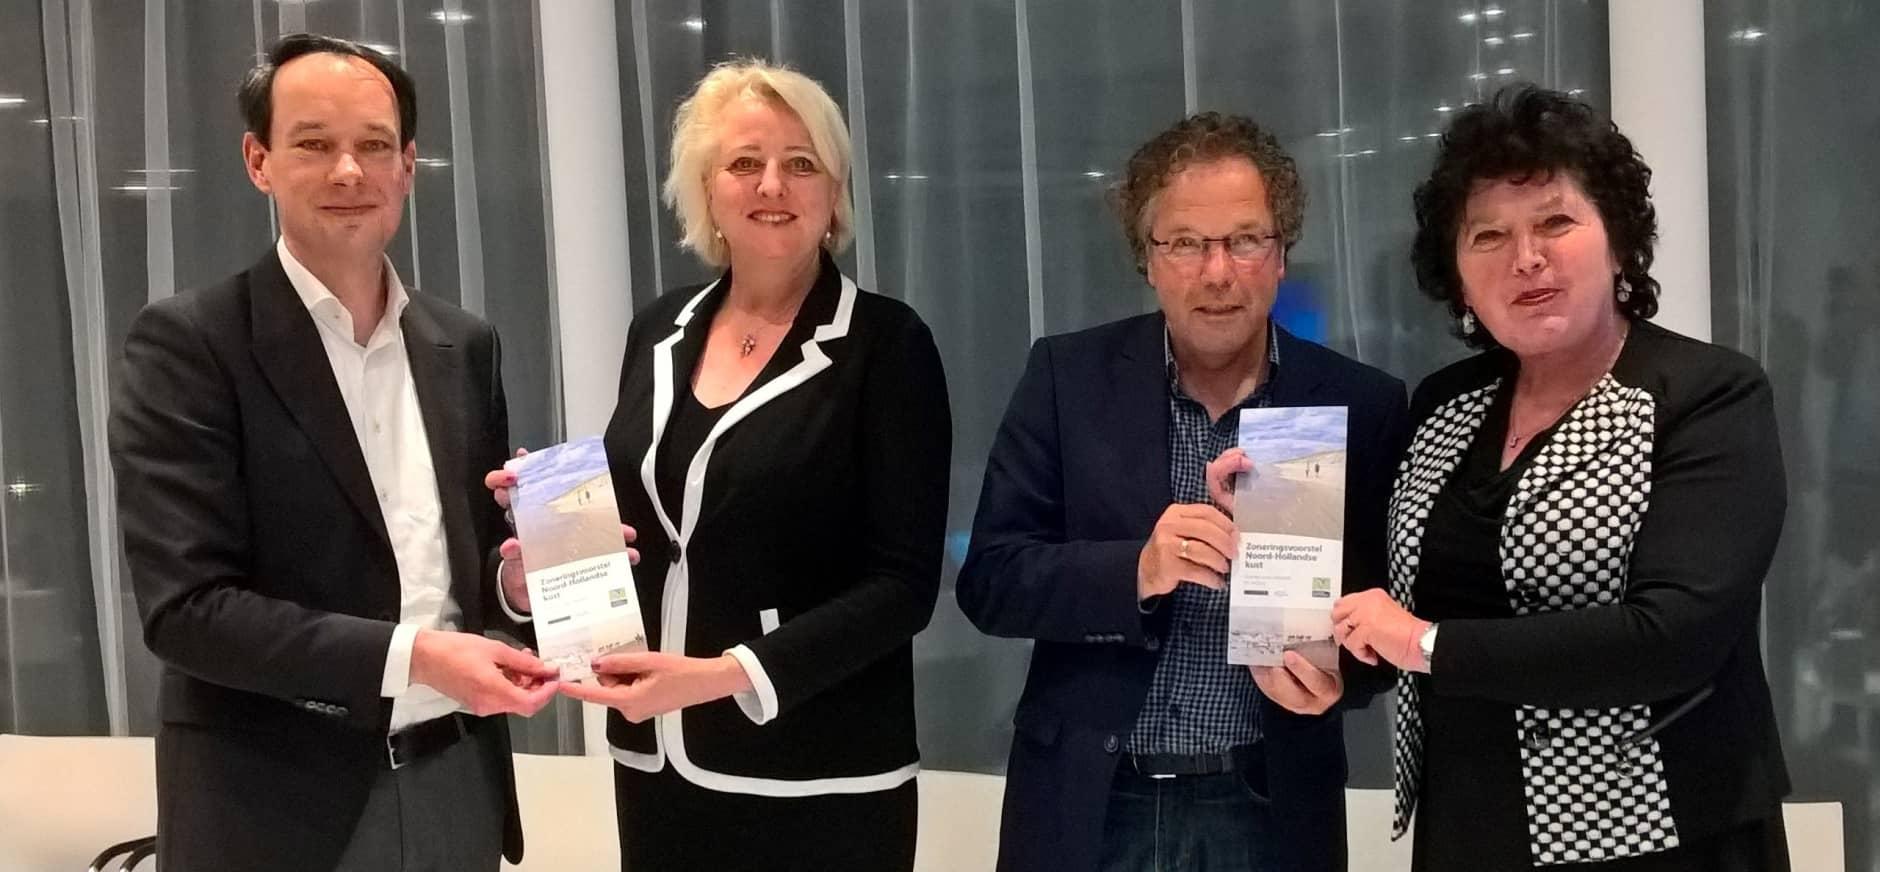 Natuurbeheerders presenteren visie voor Noord-Hollandse kust